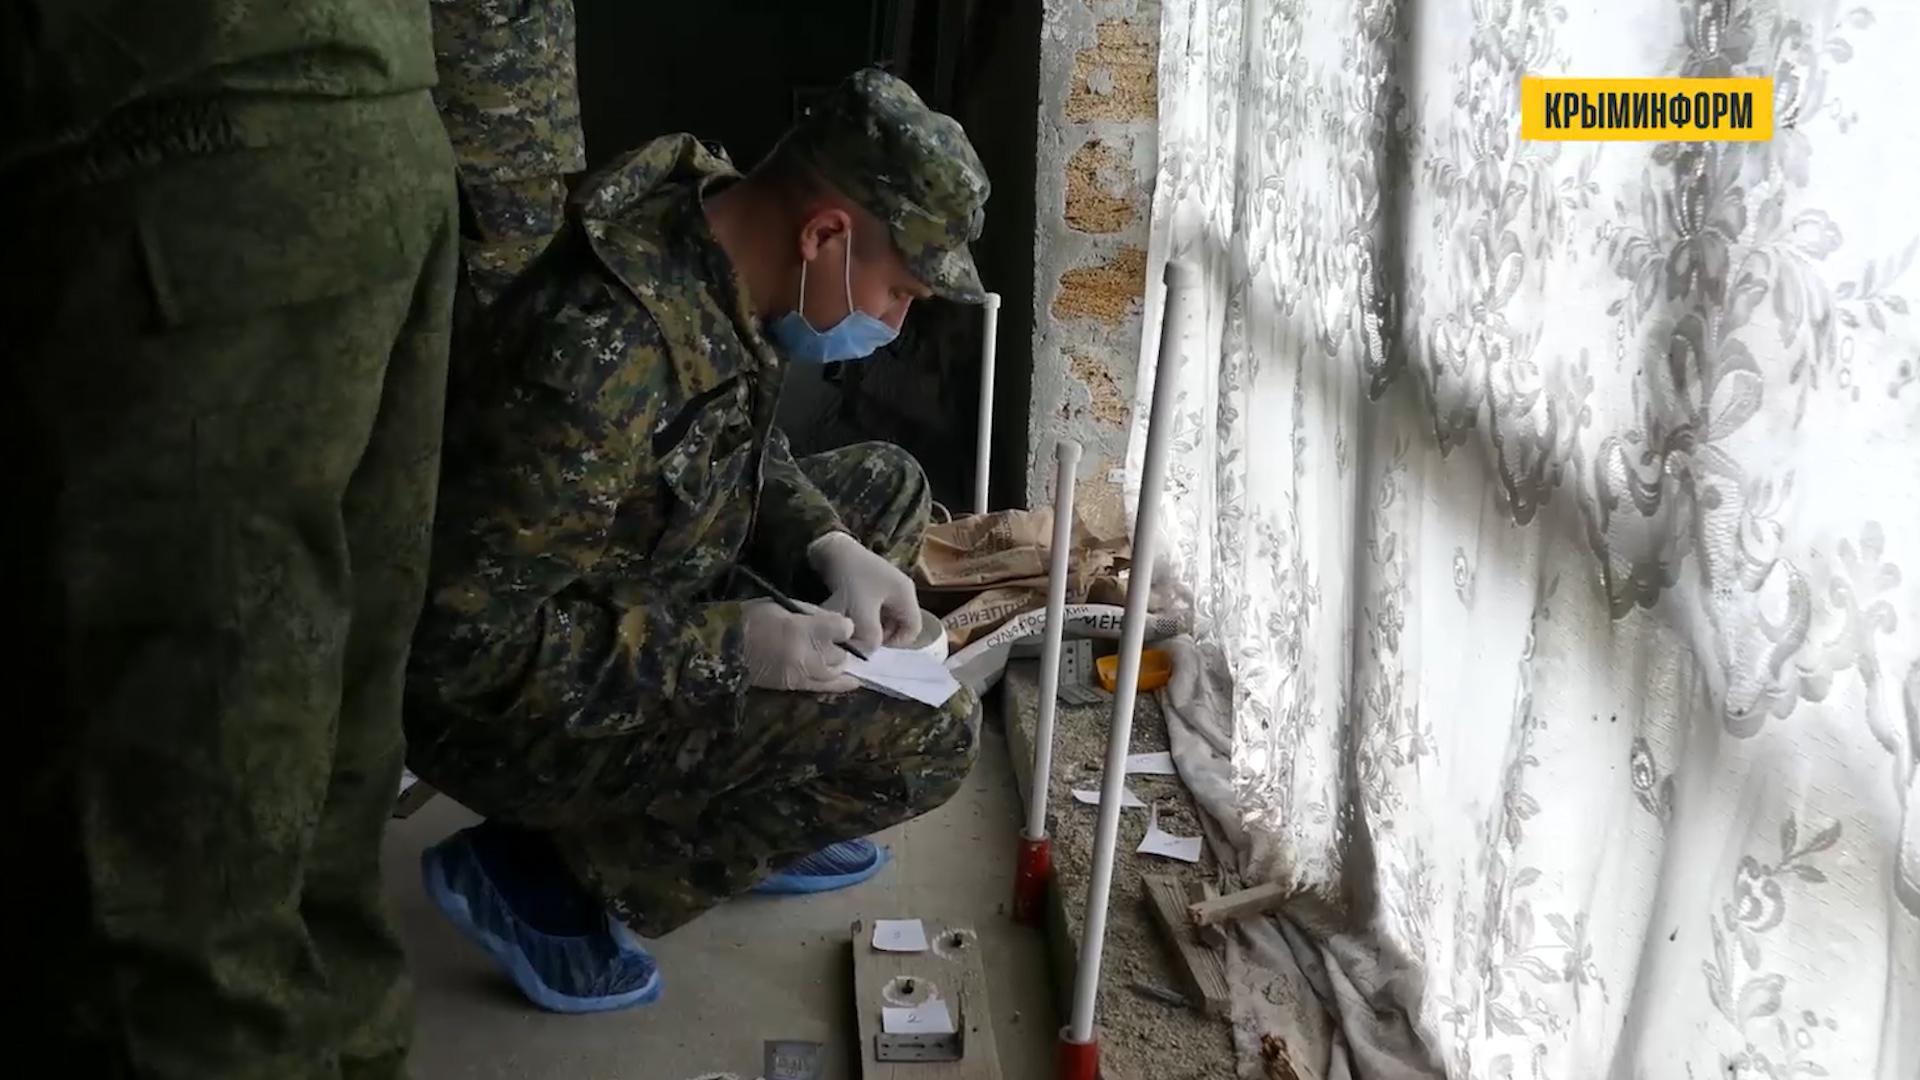 СК возбудил дело по факту нападения боевика на силовиков в Крыму